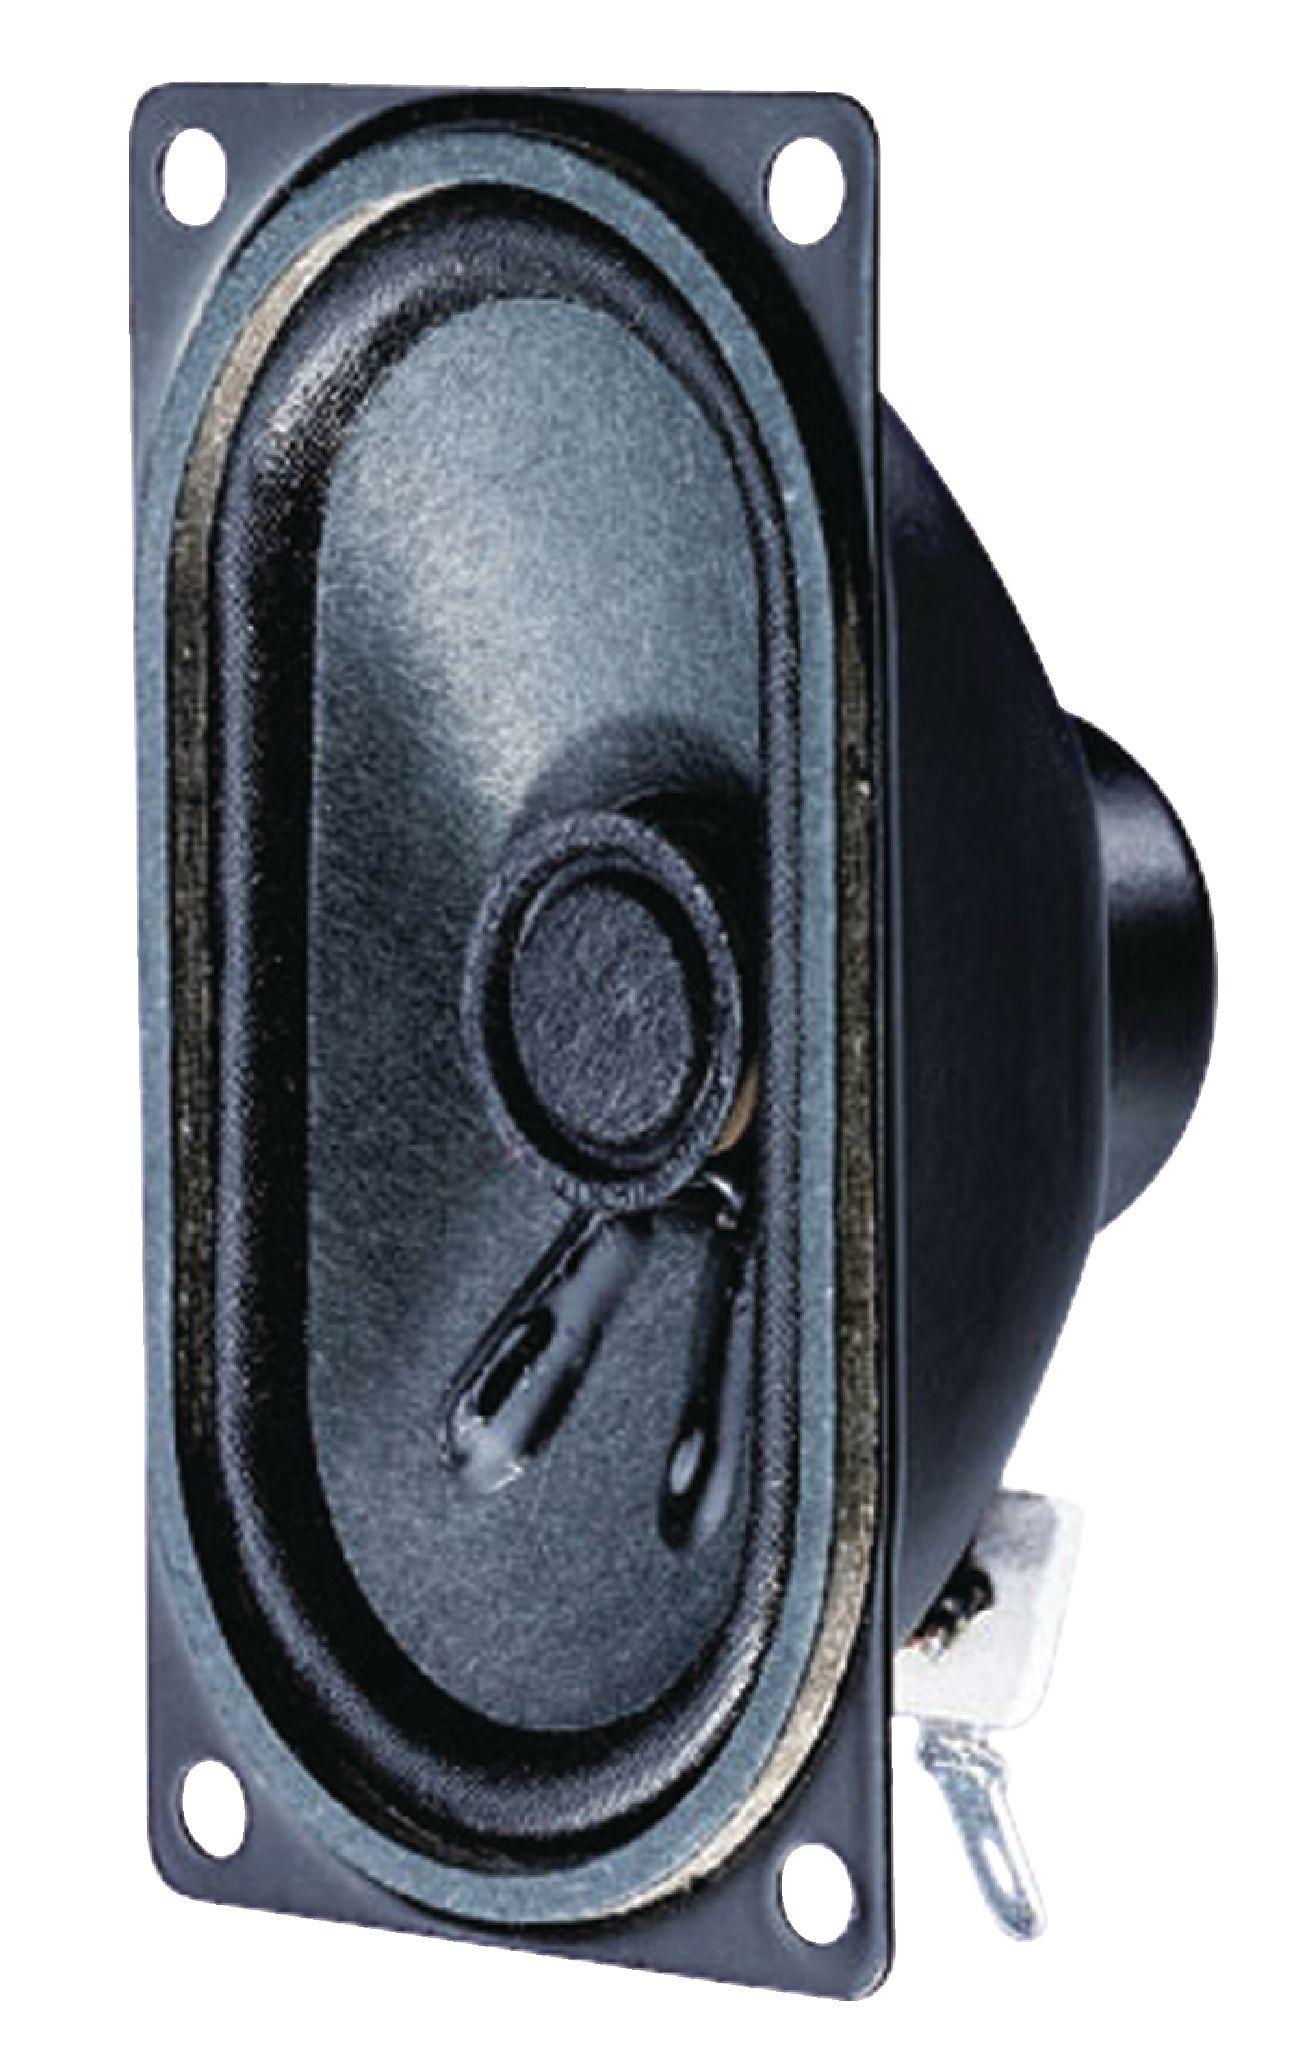 Širokopásmový oválný reproduktor 8 Ohm 4 W Visaton, VS-SC4.7ND/8